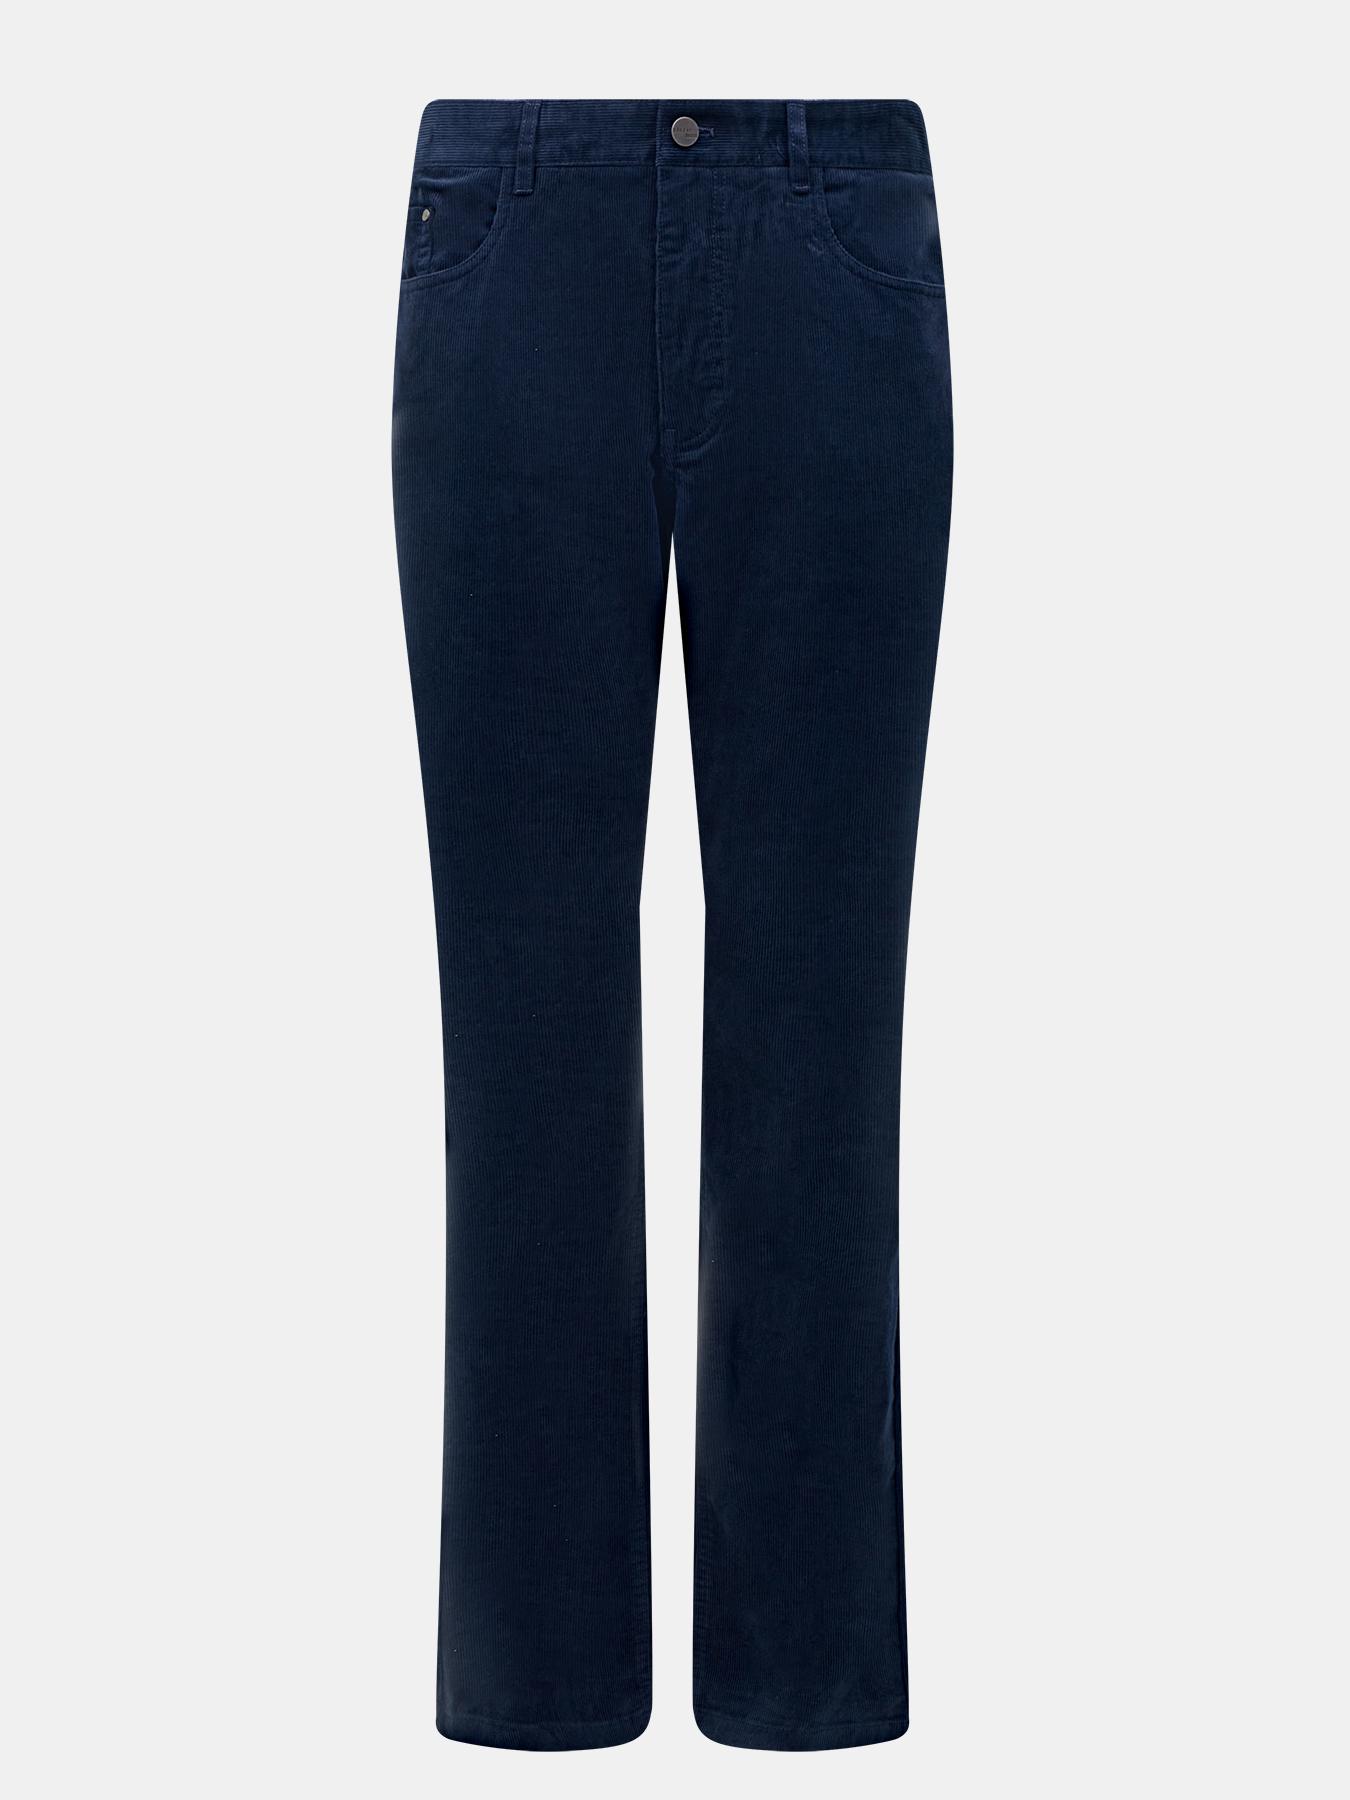 Брюки Ritter Jeans Брюки брюки ritter jeans мужские брюки